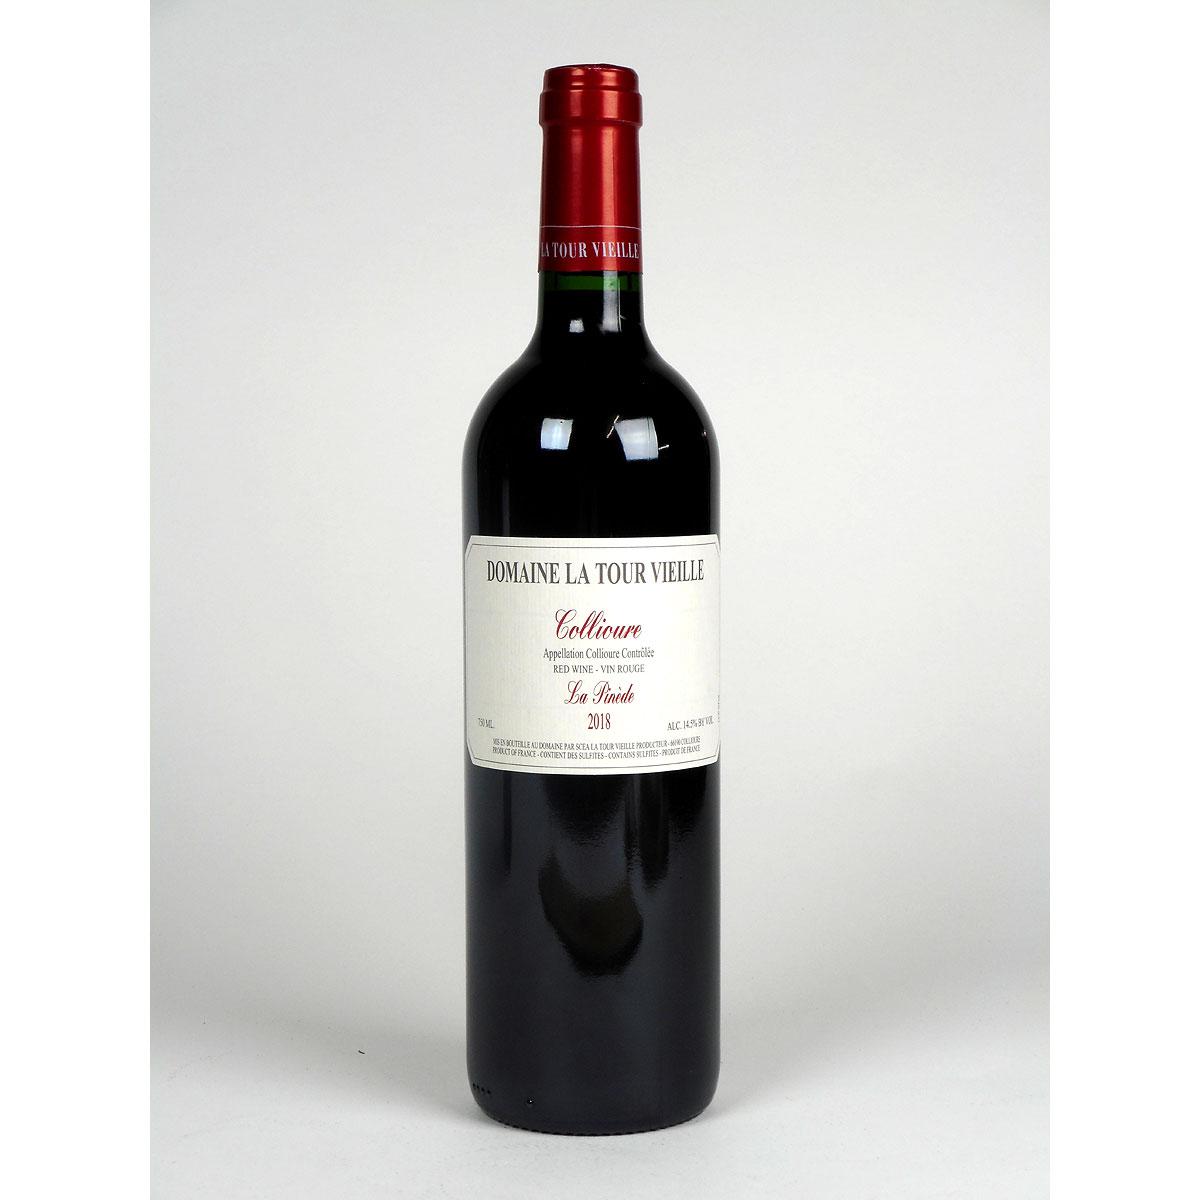 Collioure: Domaine La Tour Vieille 'La Pinède' 2018 - Bottle